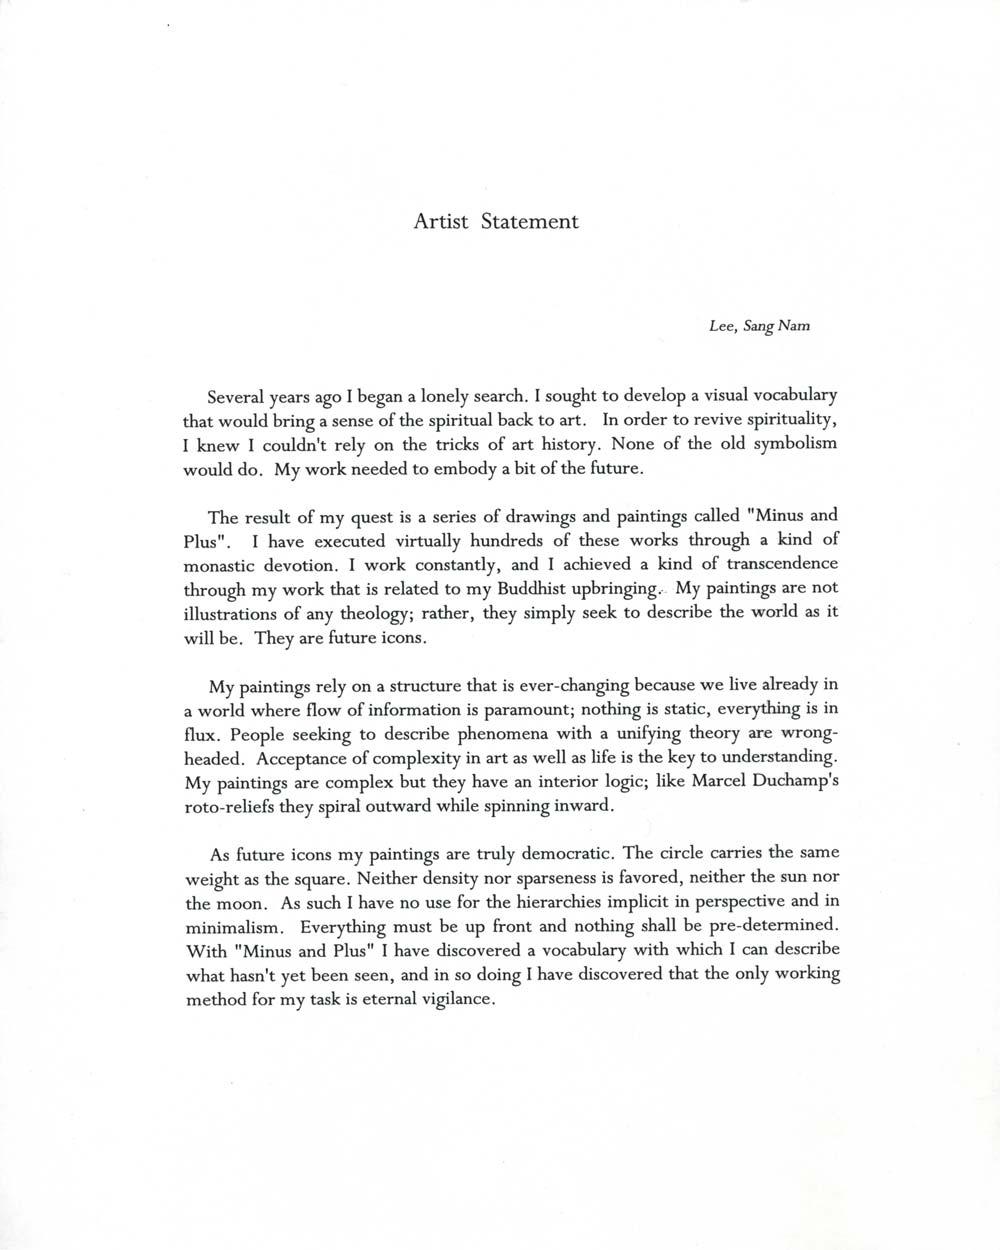 Sang Nam Lee's Artist Statement, undated